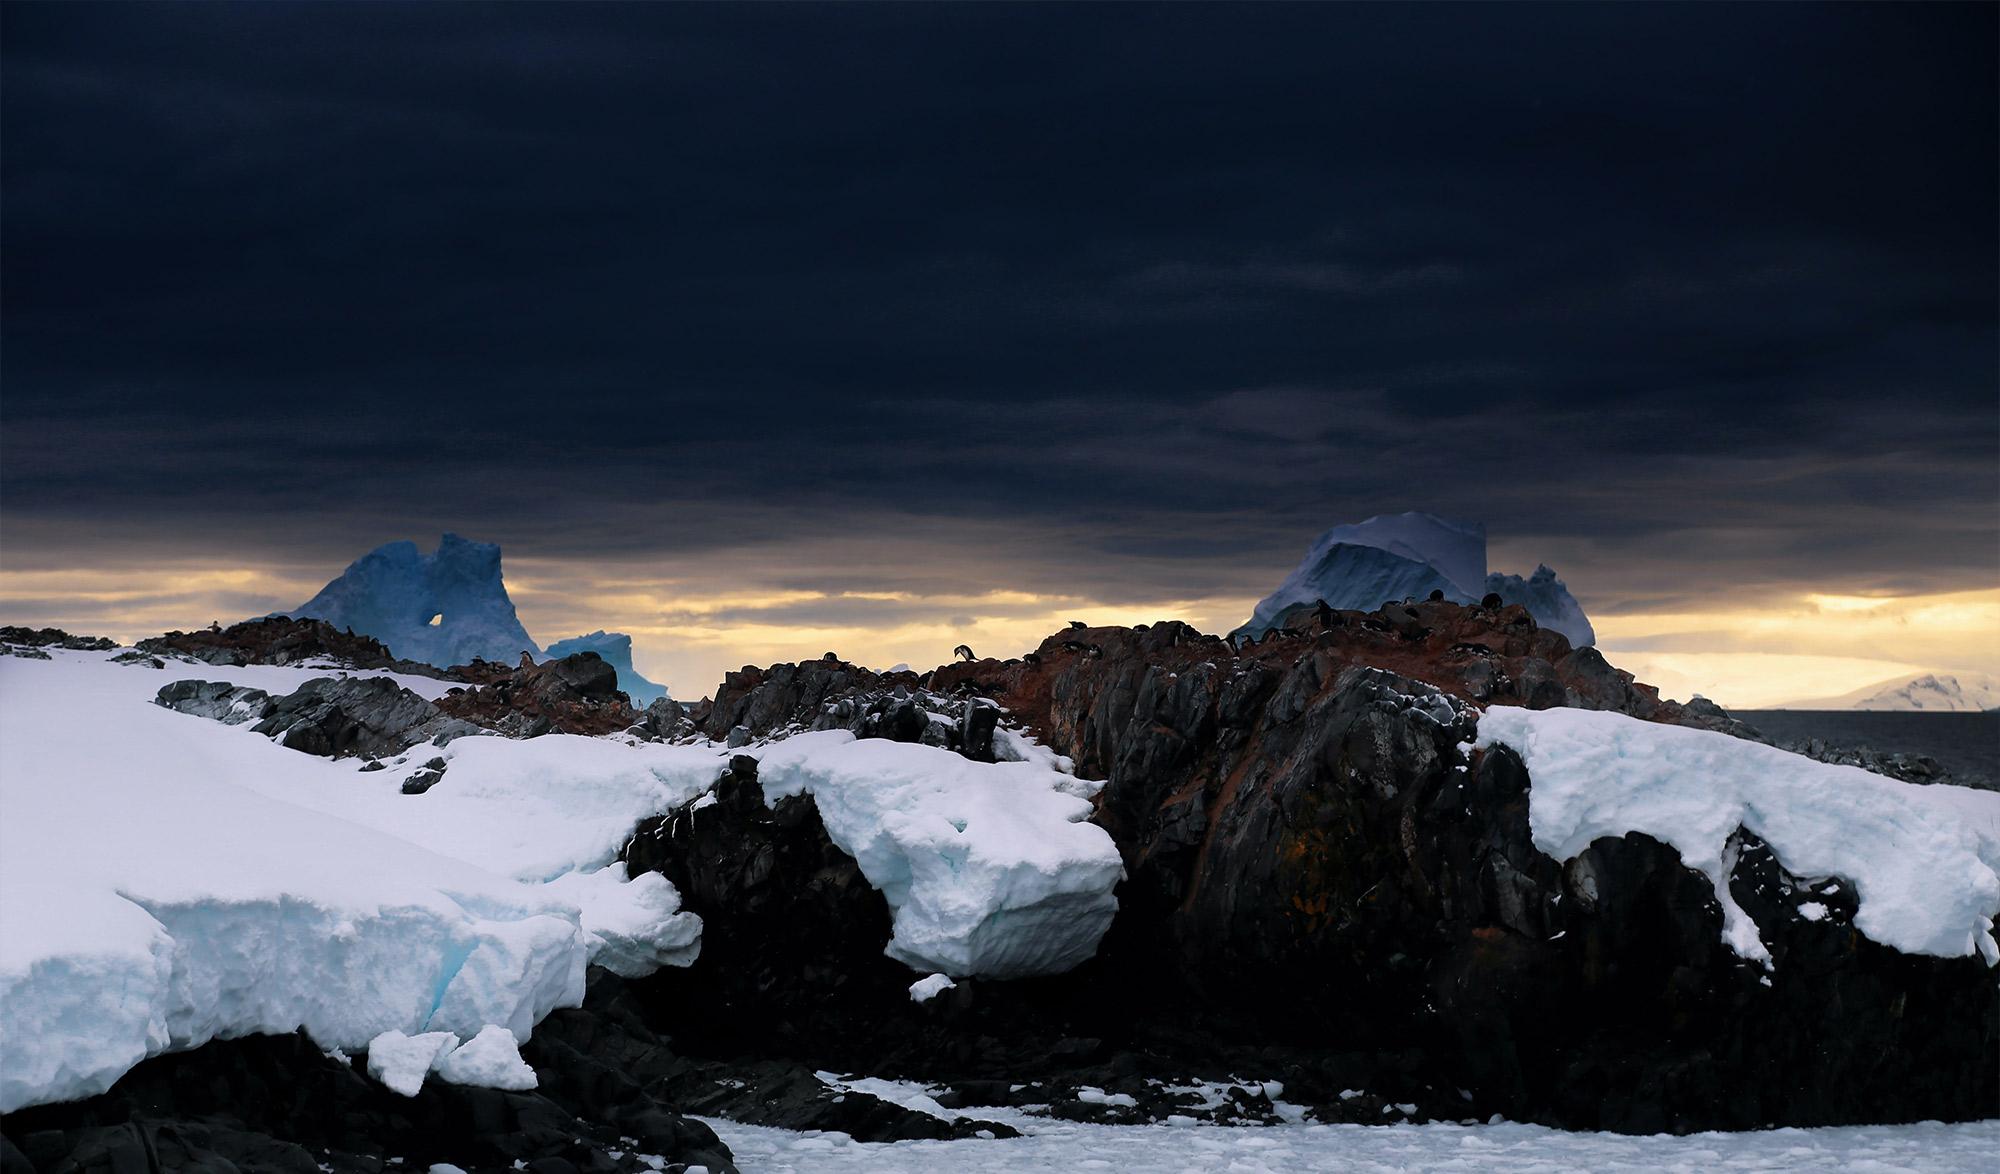 la nuit tombe sur l'Antarctique